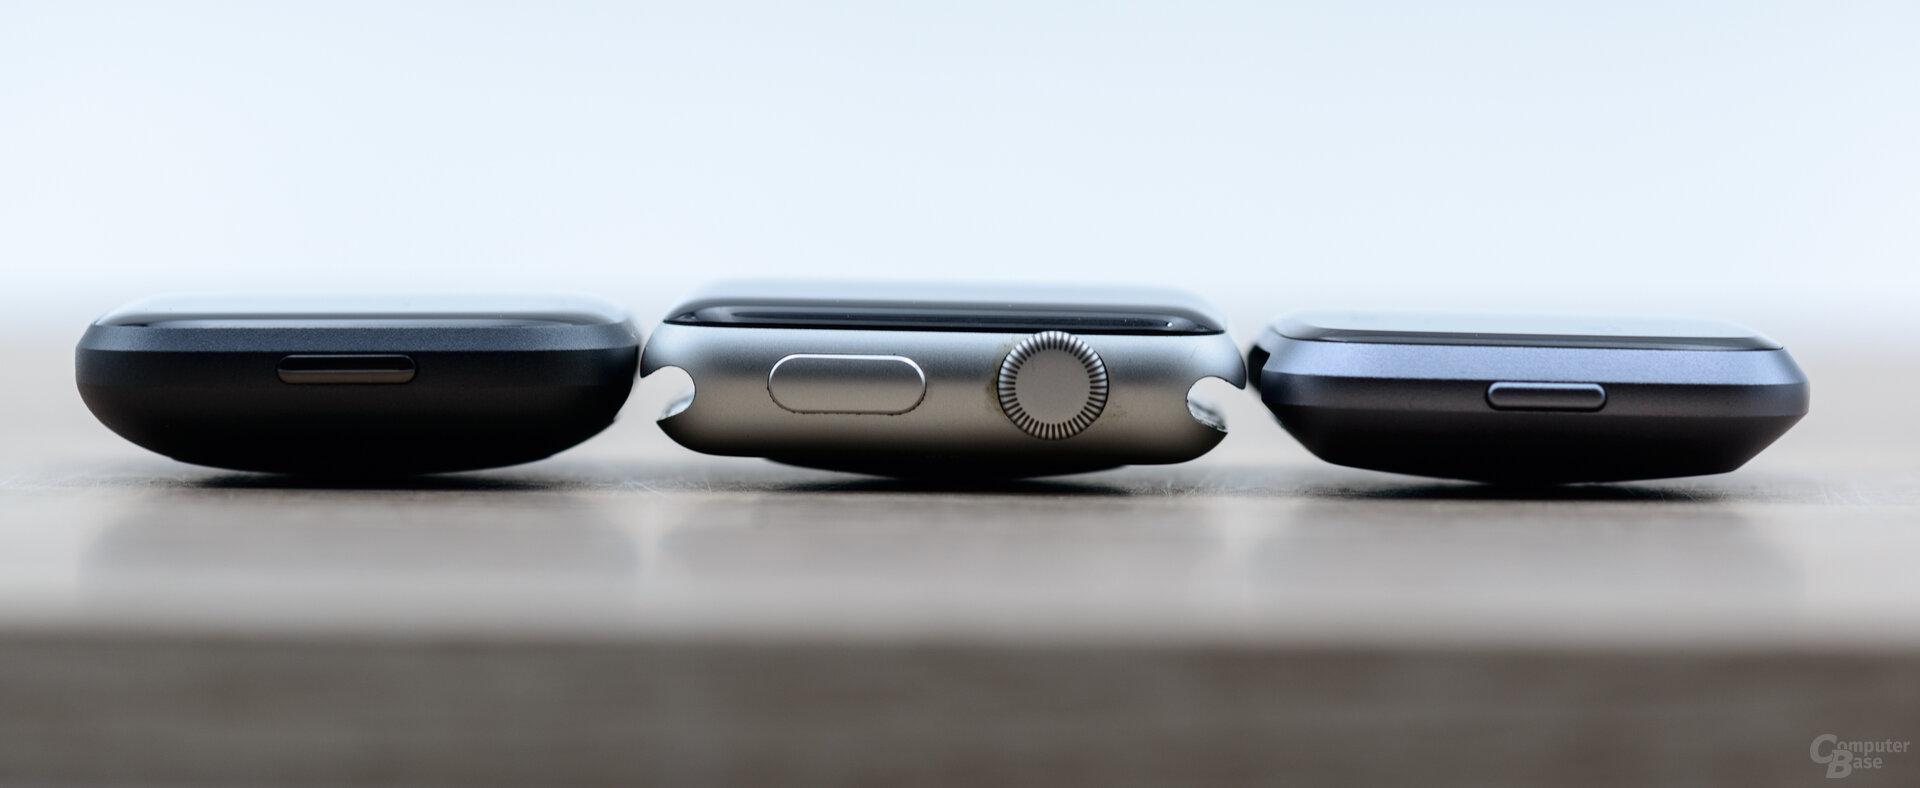 Fitbit Versa 2, Apple Watch 3 und Versa: Höhenvergleich